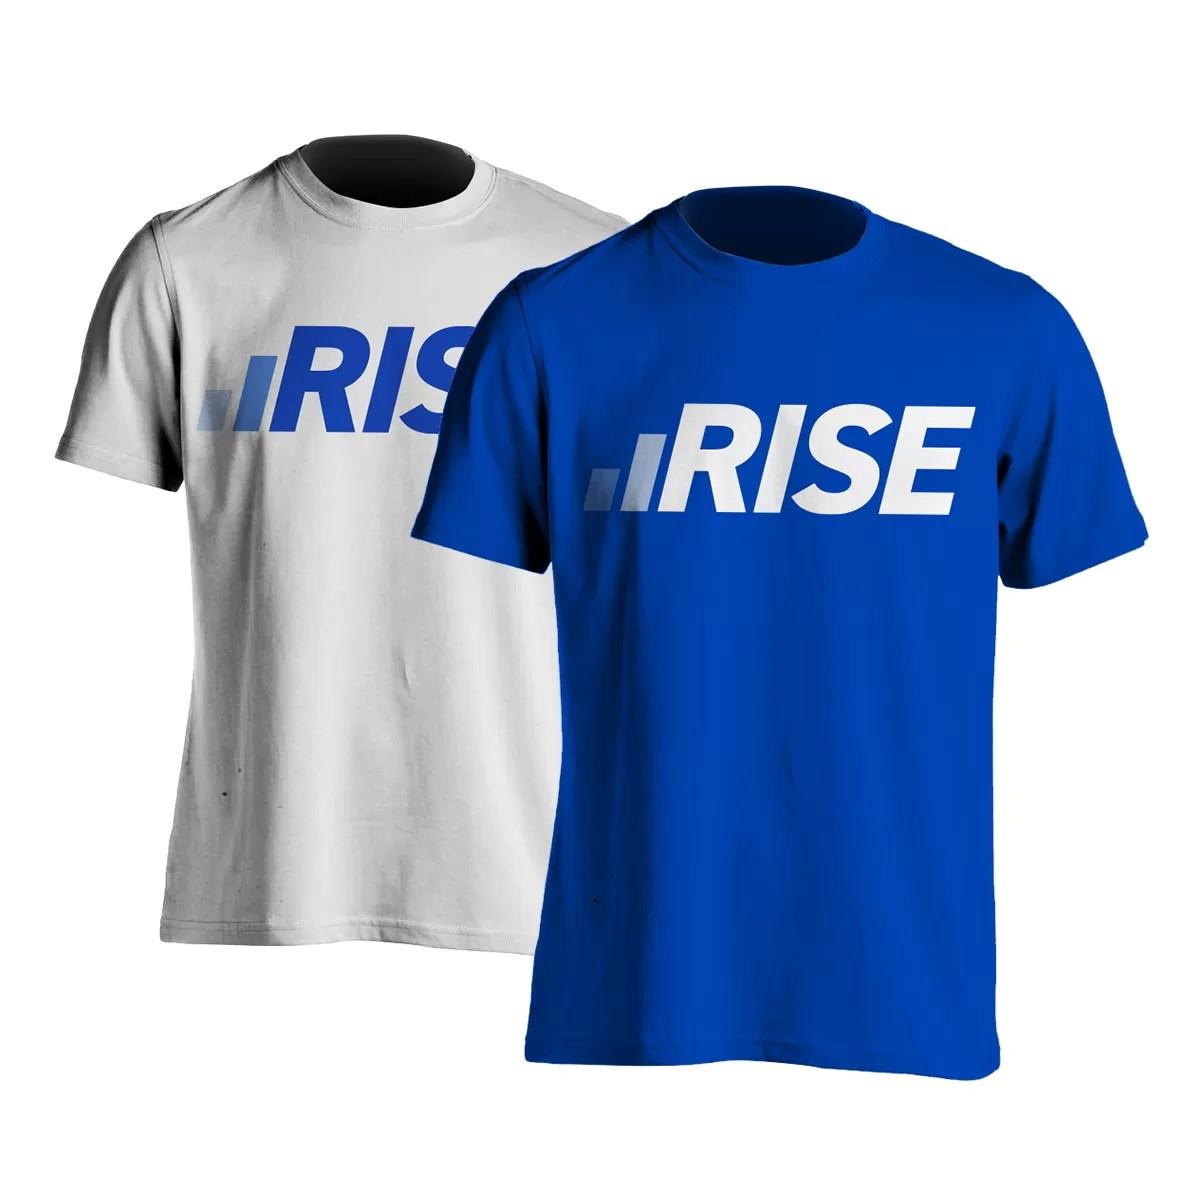 Rise TShirt Mockup